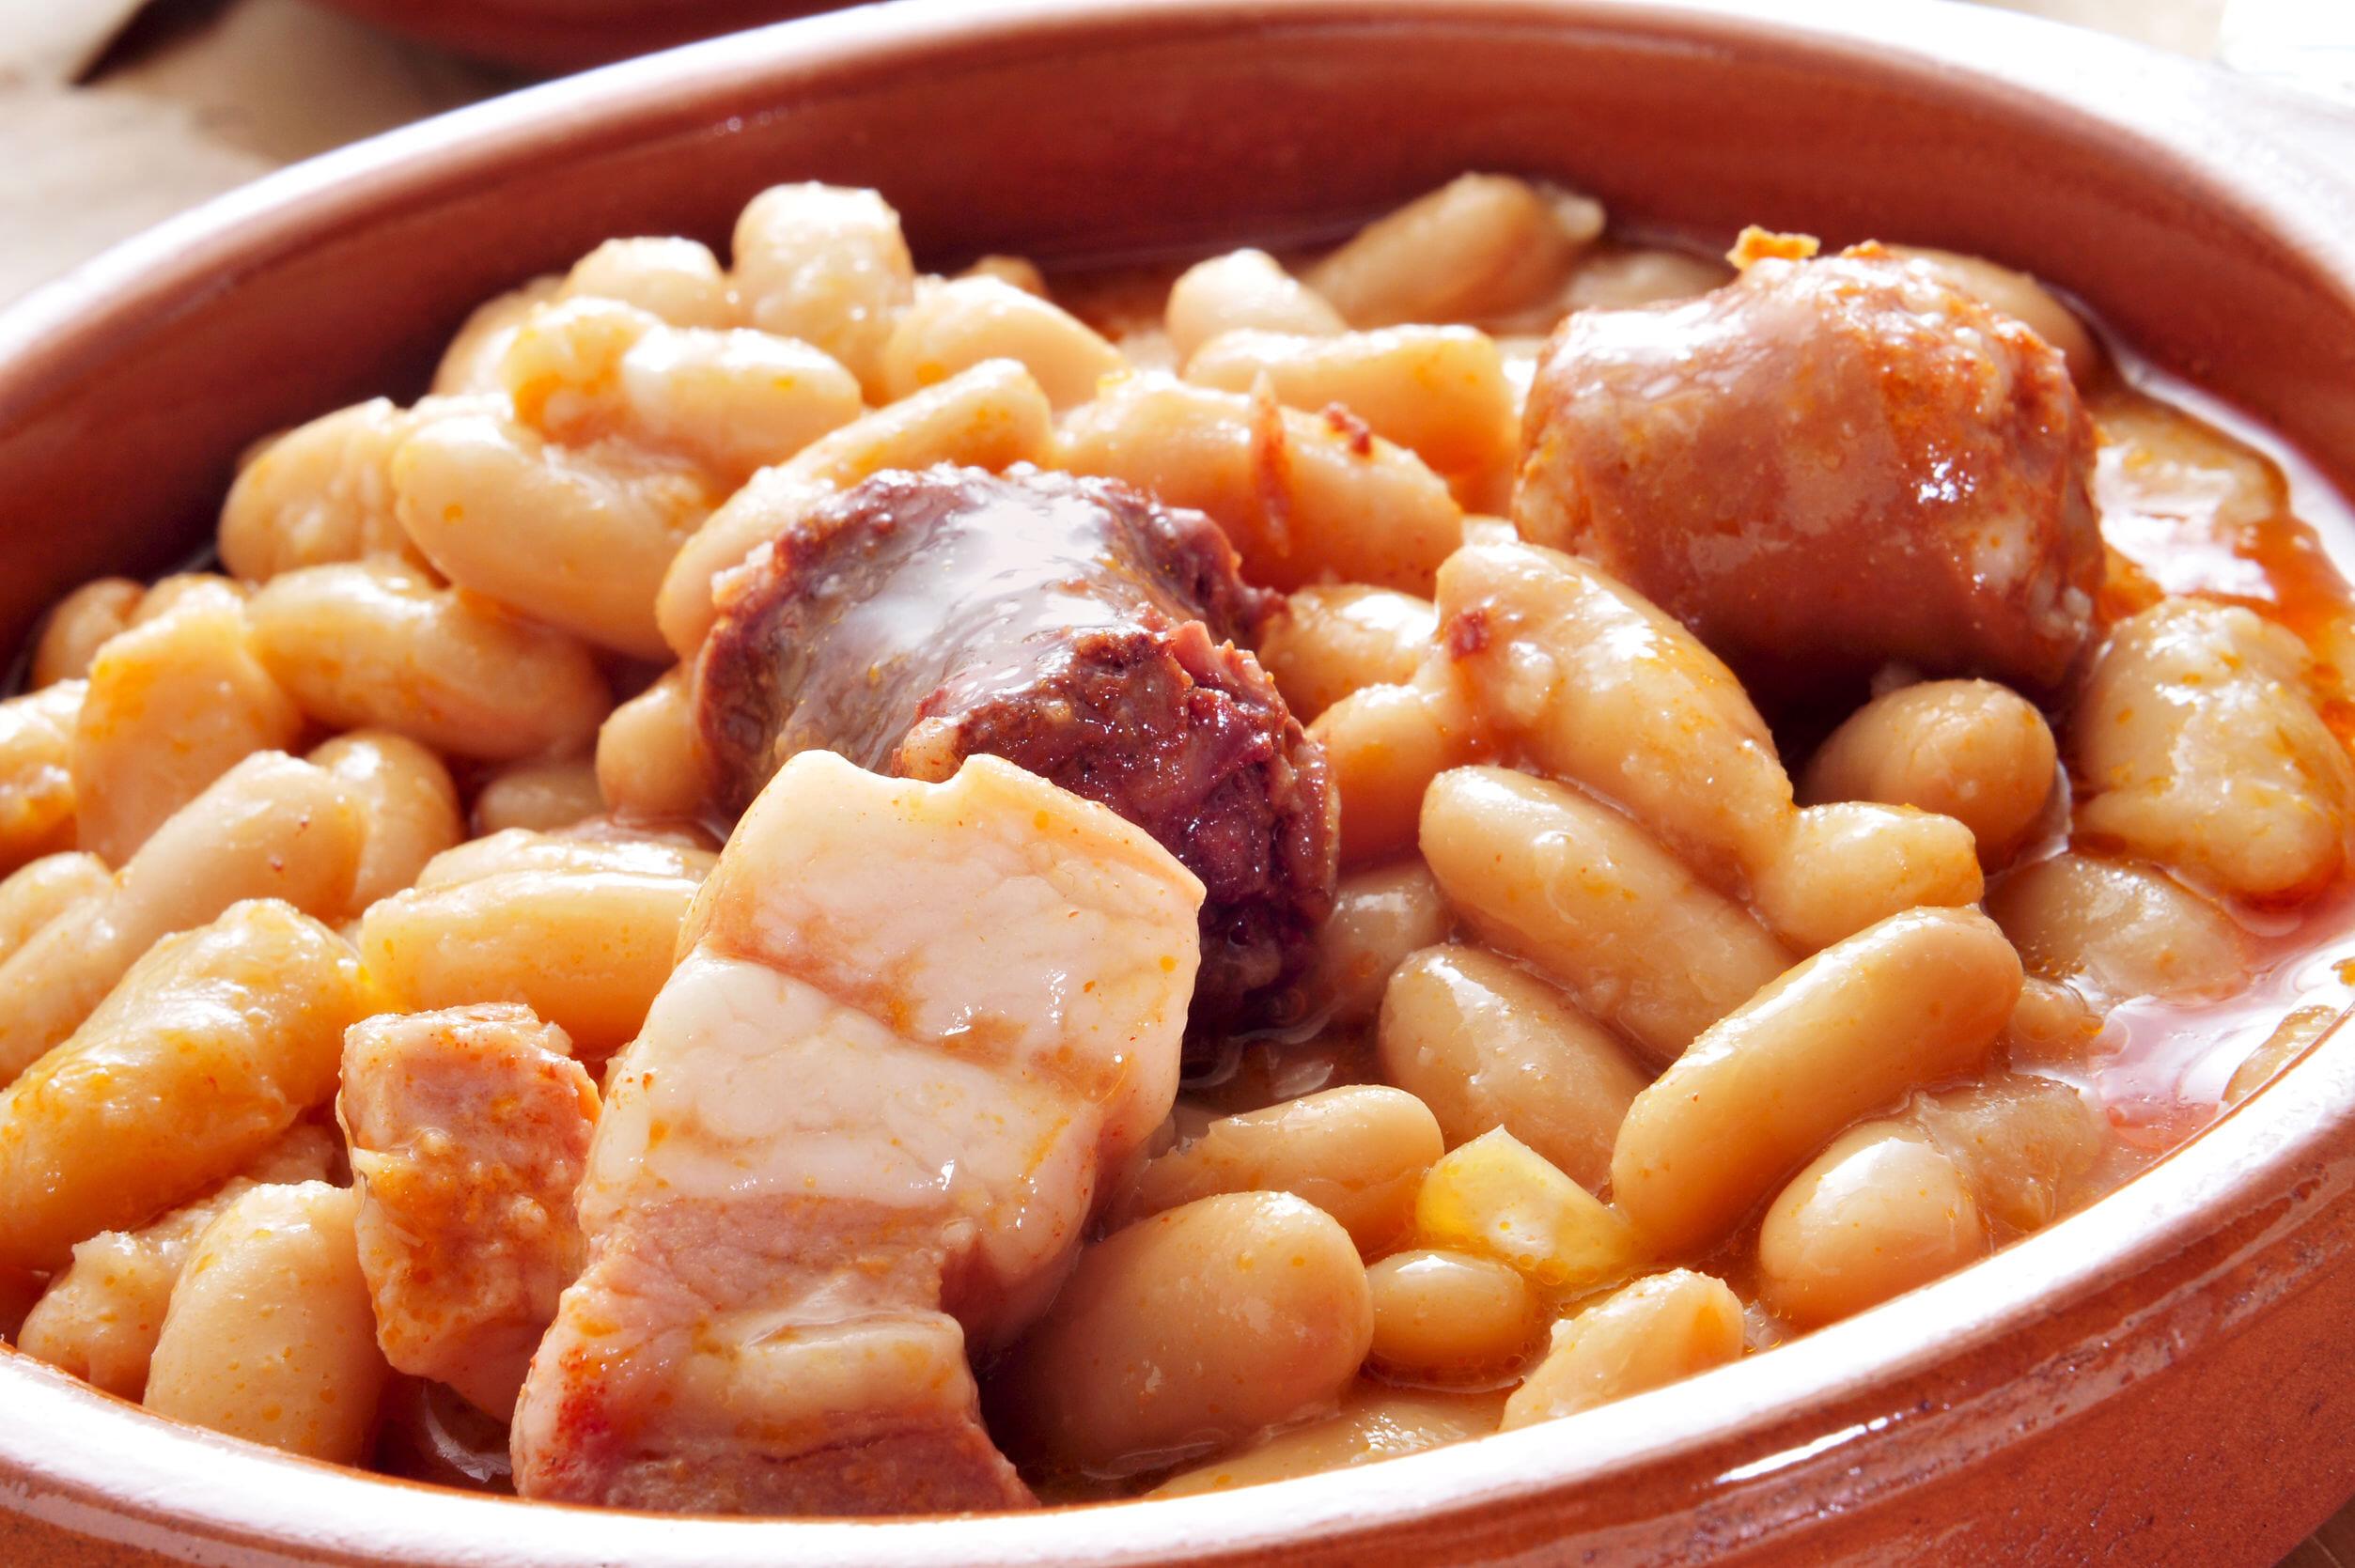 北スペインの観光スポットであるアストゥリアスの郷土料理ファバーダ